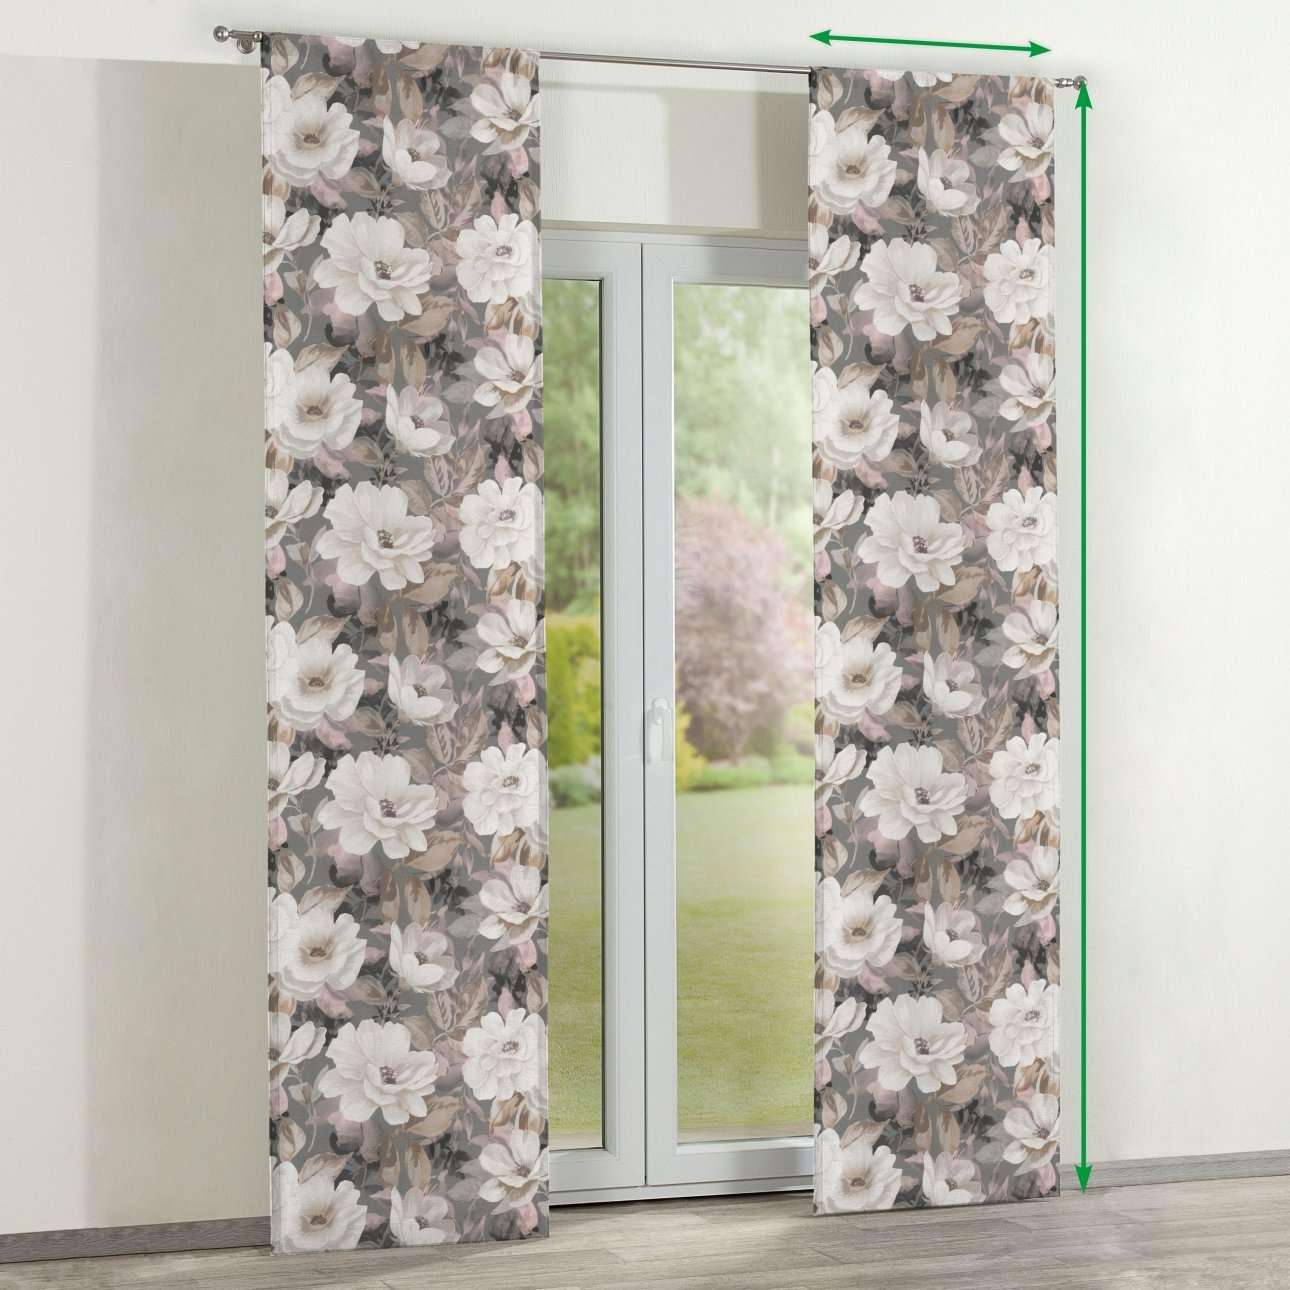 Panelové závesy 2 ks V kolekcii Gardenia, tkanina: 142-13